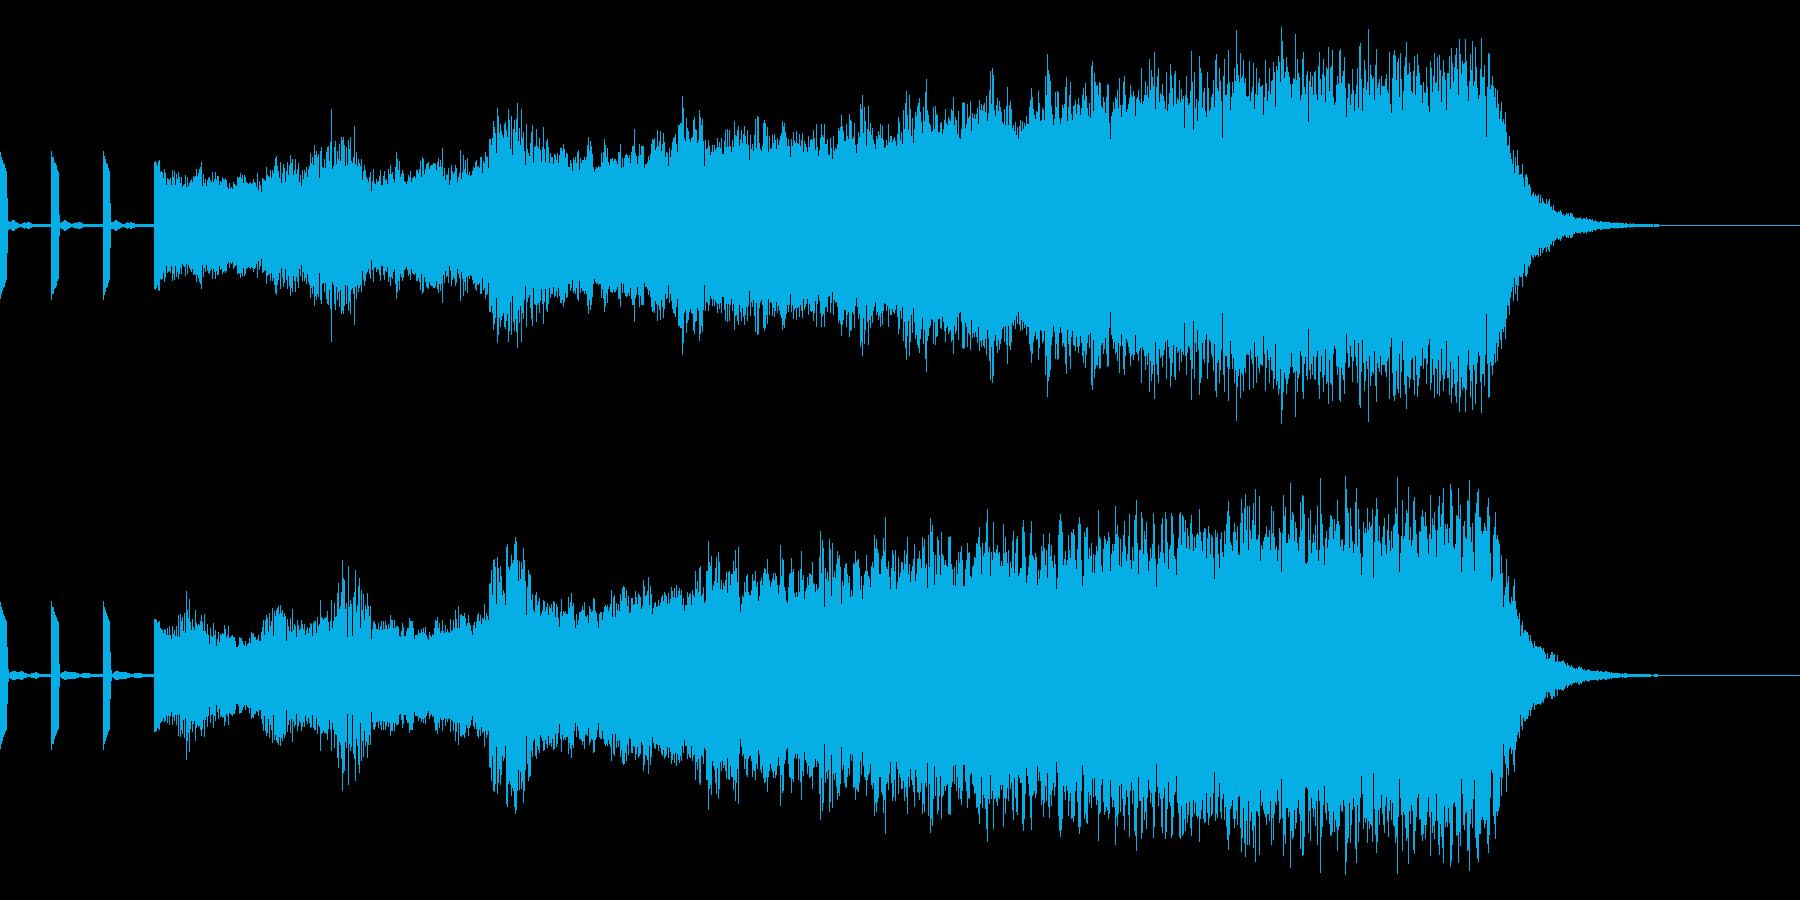 時報の後にオーケストラ音 正月 新年の再生済みの波形